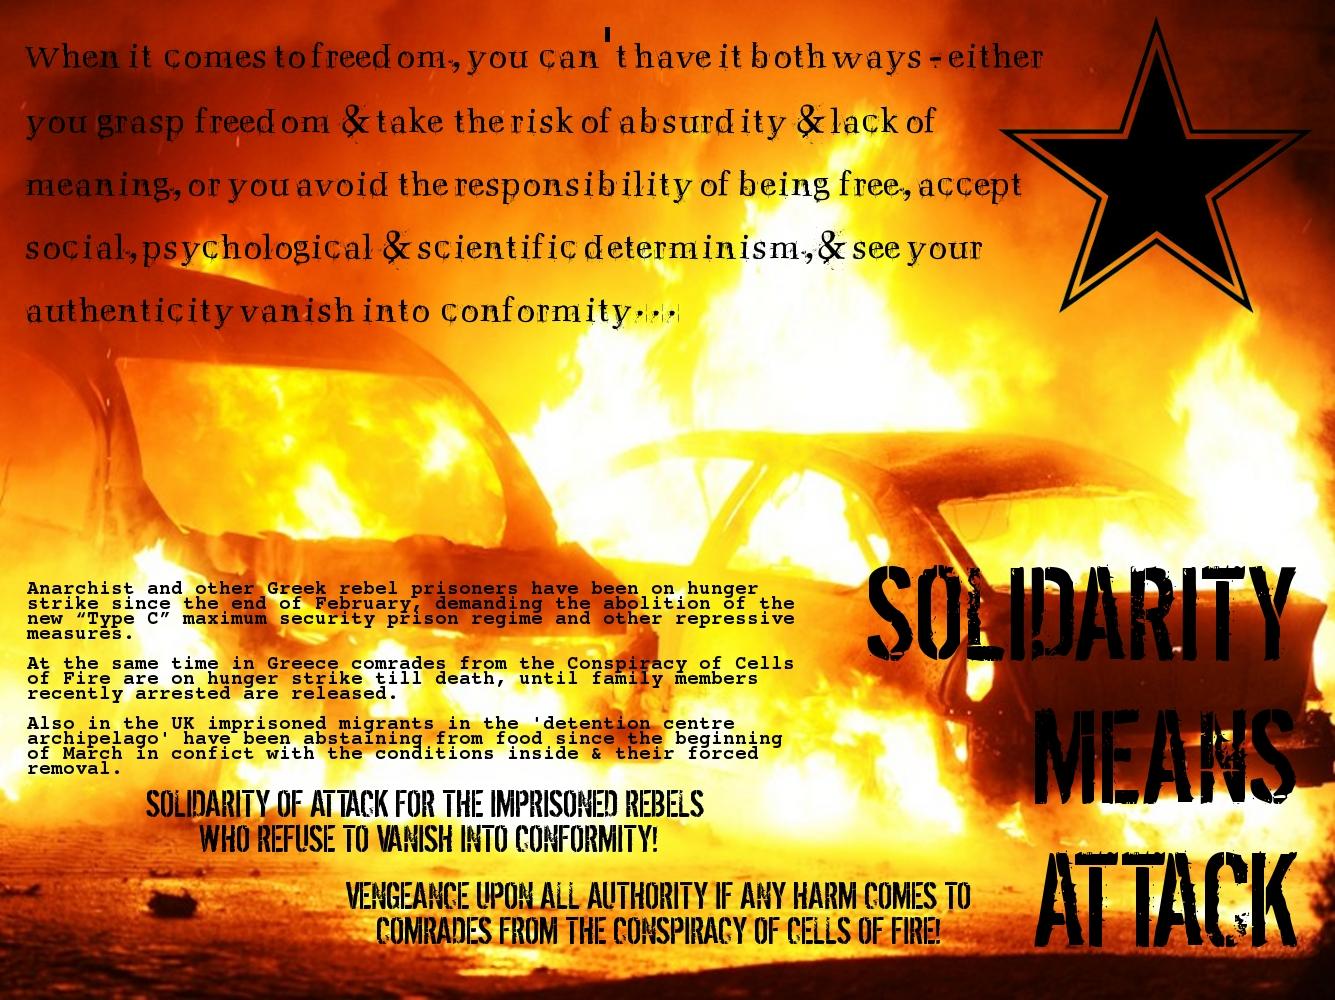 Affiche de solidarité avec les grévistes